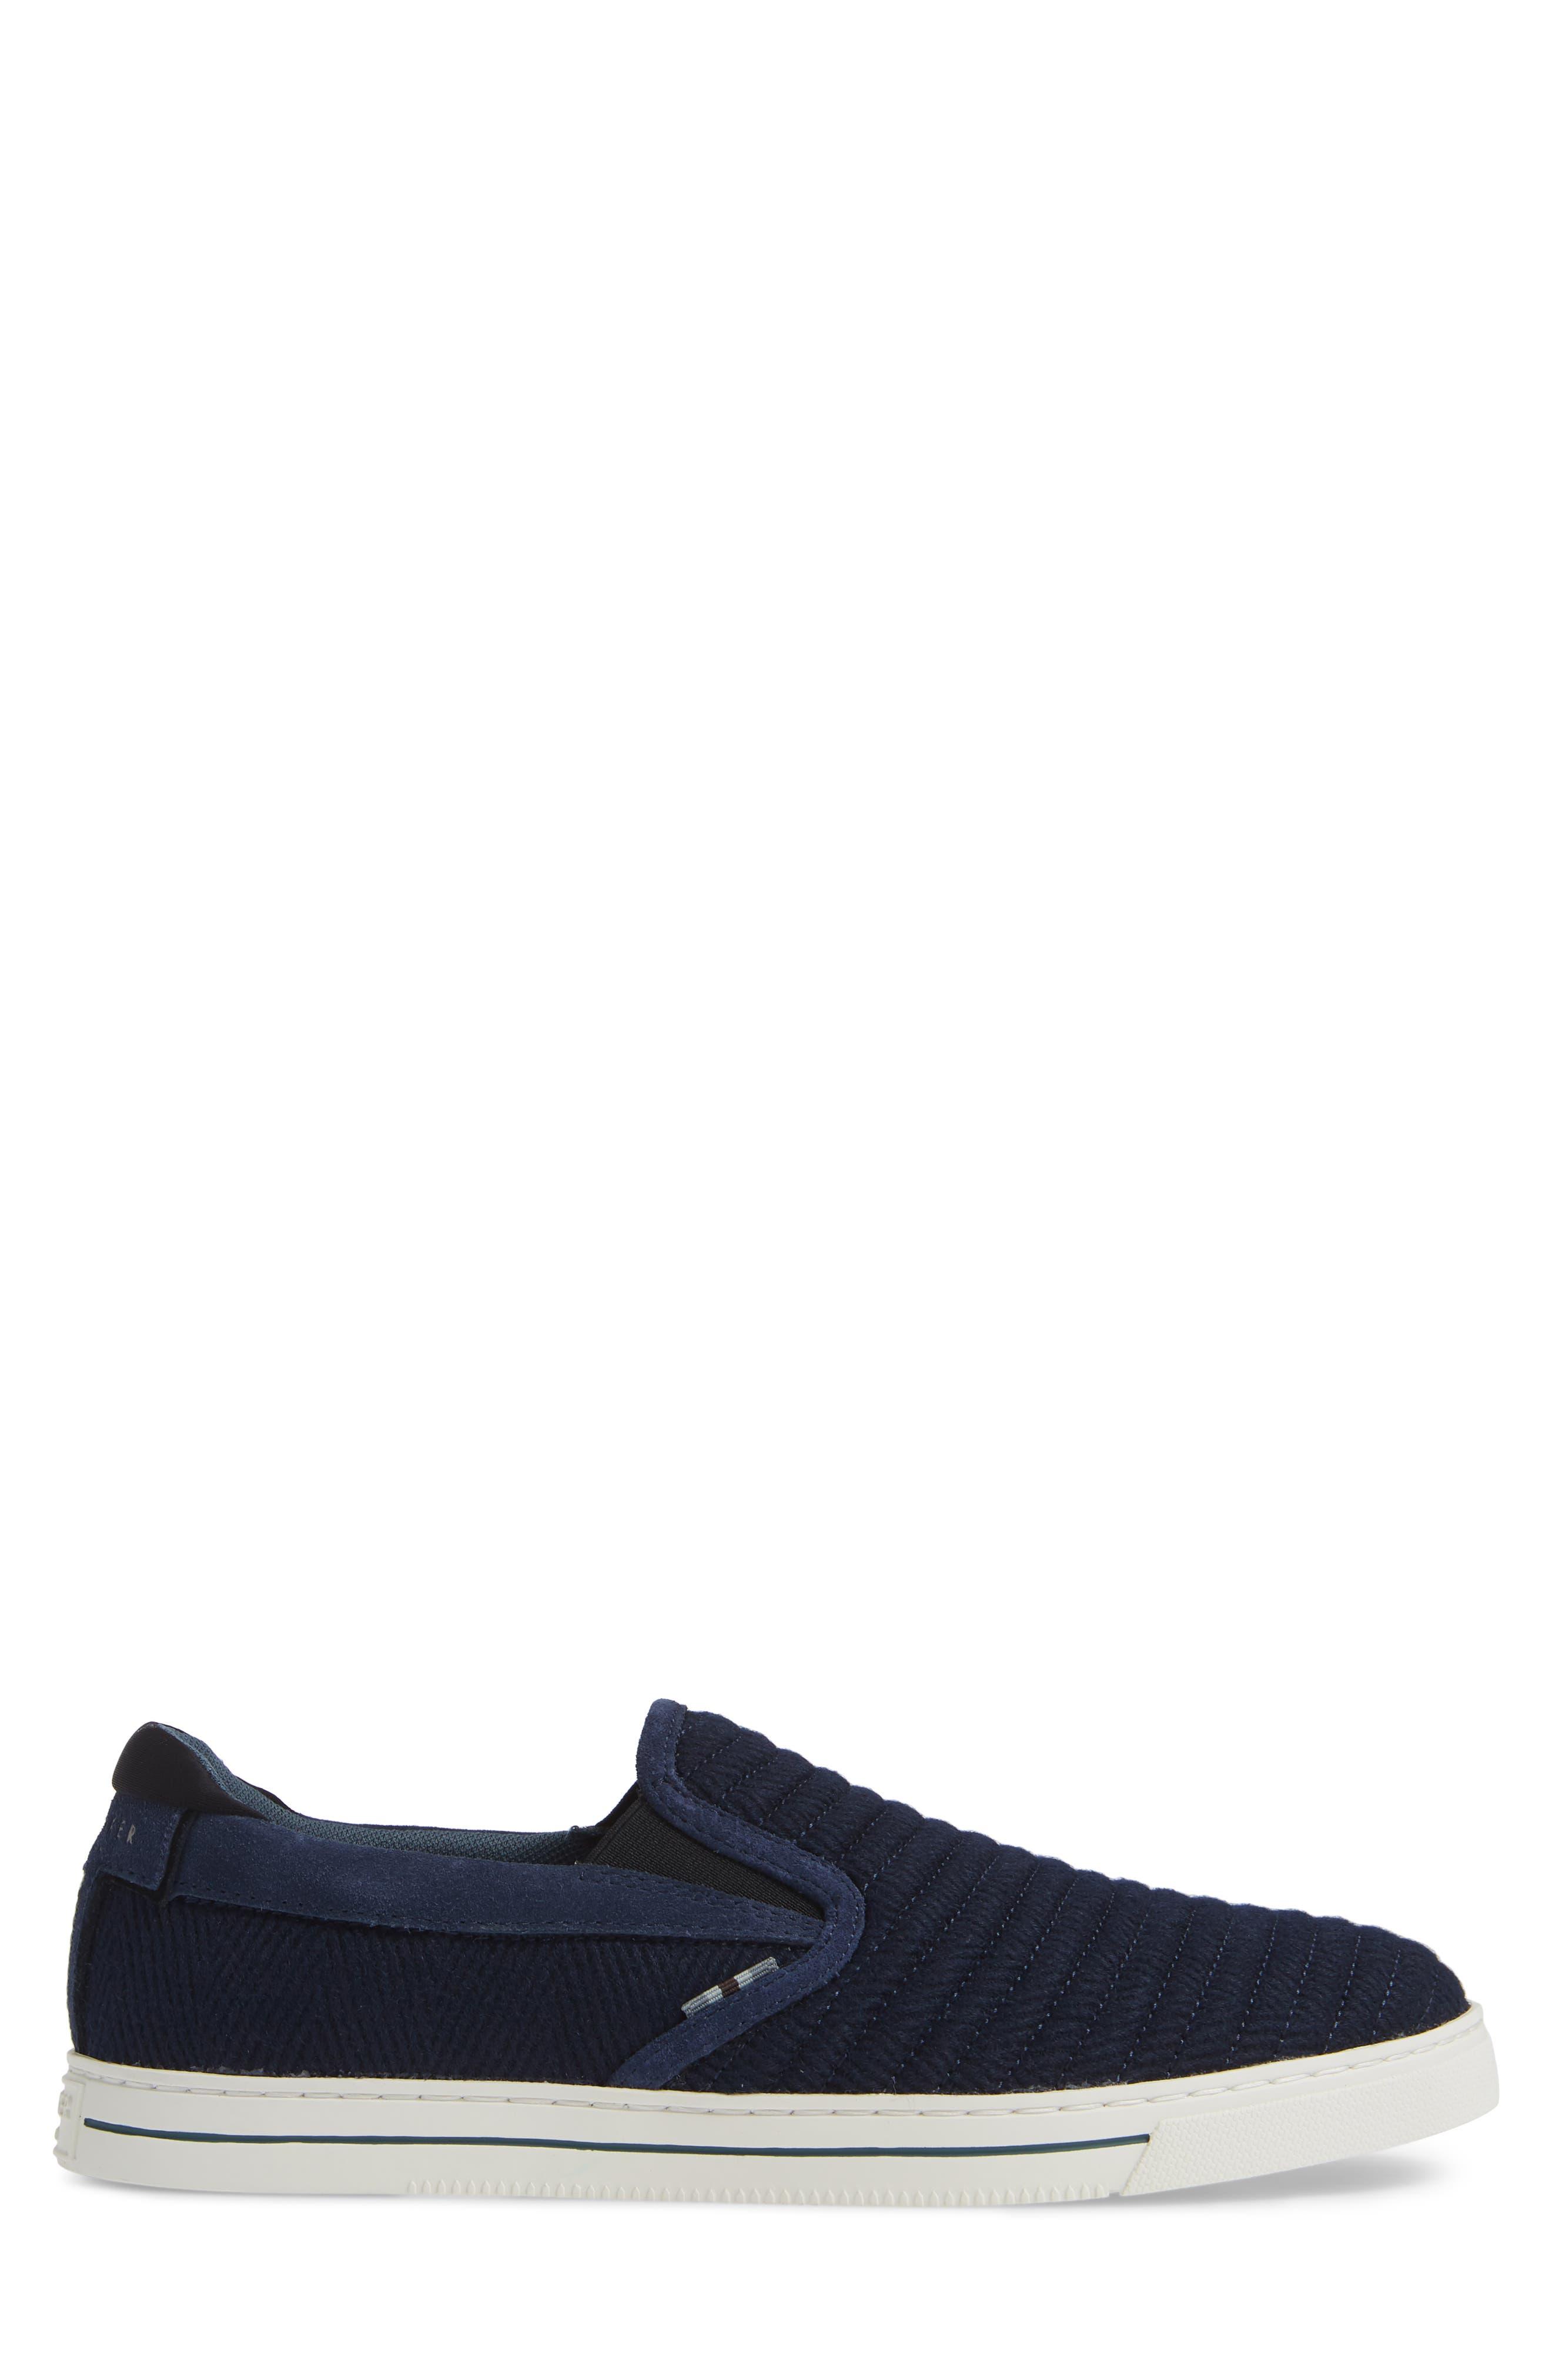 Daniam Slip-On Sneaker,                             Alternate thumbnail 3, color,                             DARK BLUE WOOL